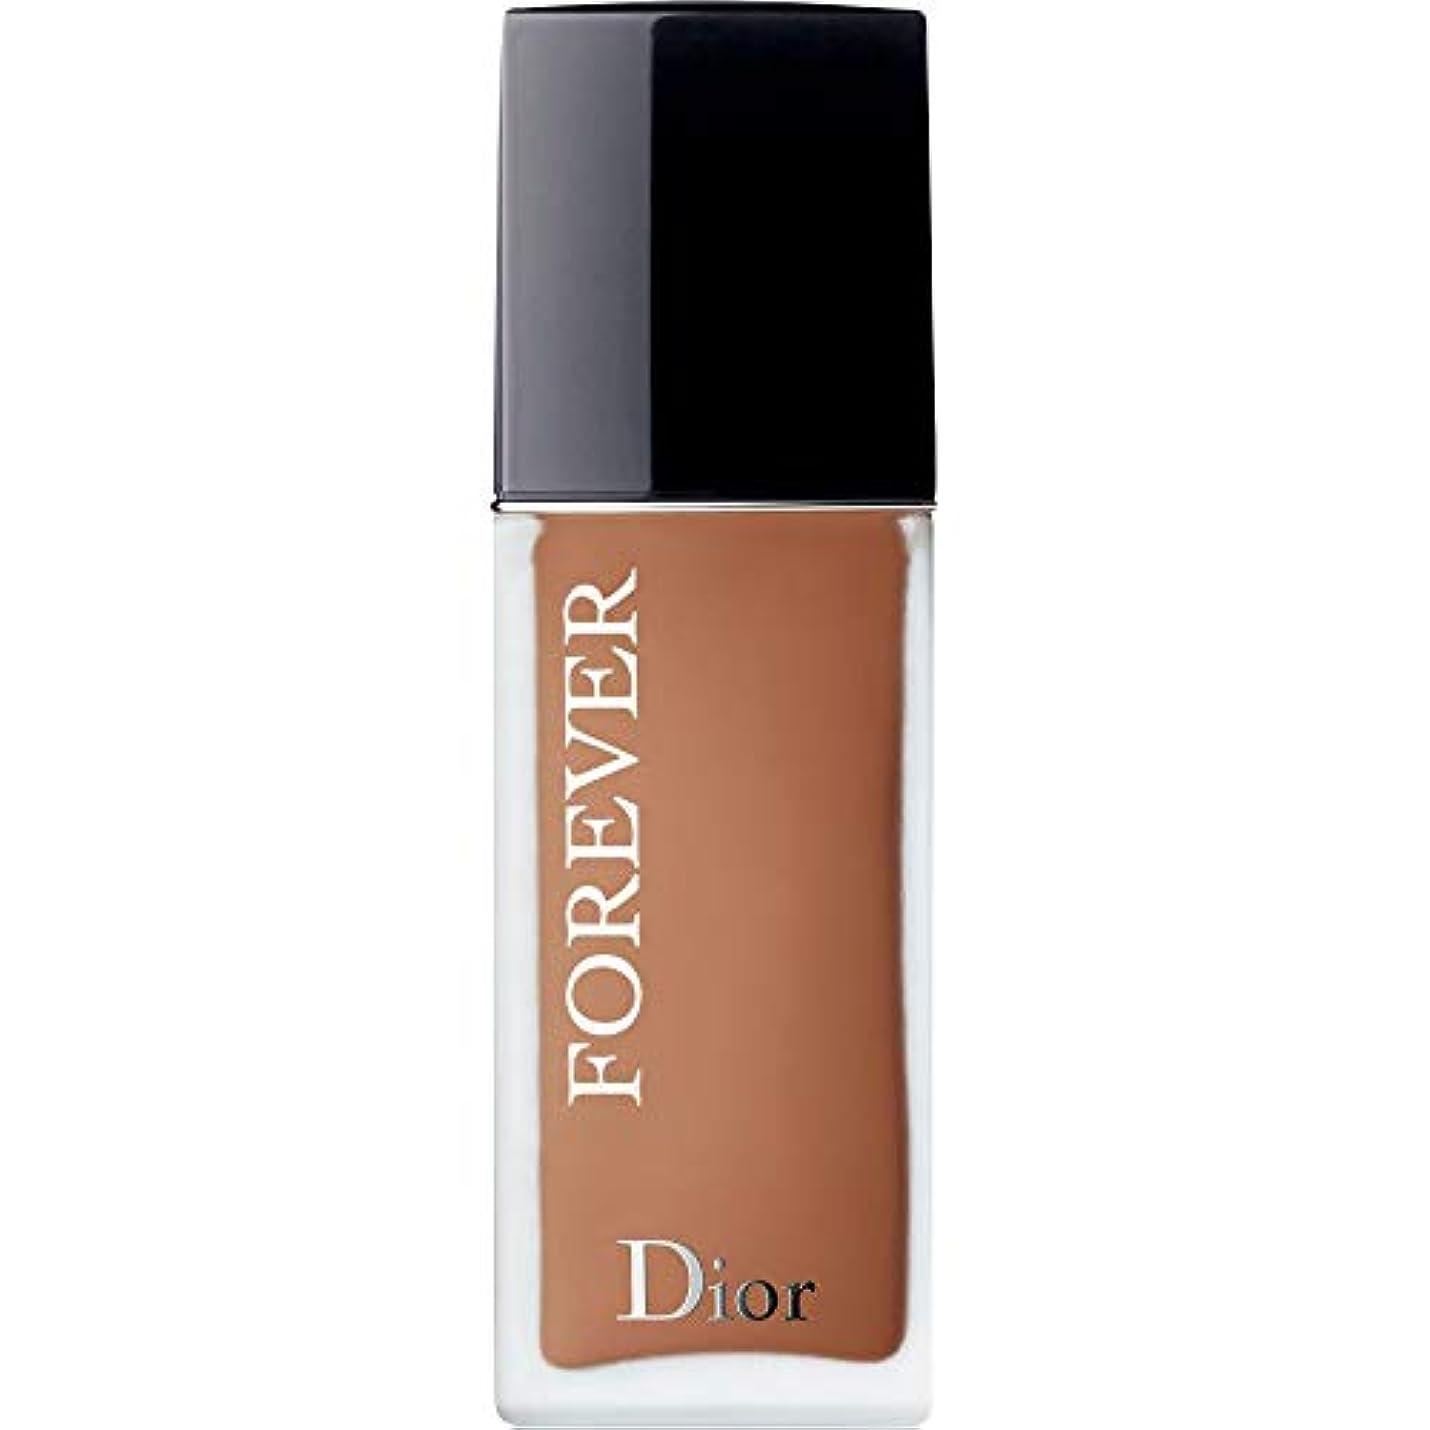 忌まわしいシェフ動詞[Dior ] ディオール永遠皮膚思いやりの基盤Spf35 30ミリリットルの5N - ニュートラル(つや消し) - DIOR Forever Skin-Caring Foundation SPF35 30ml 5N -...